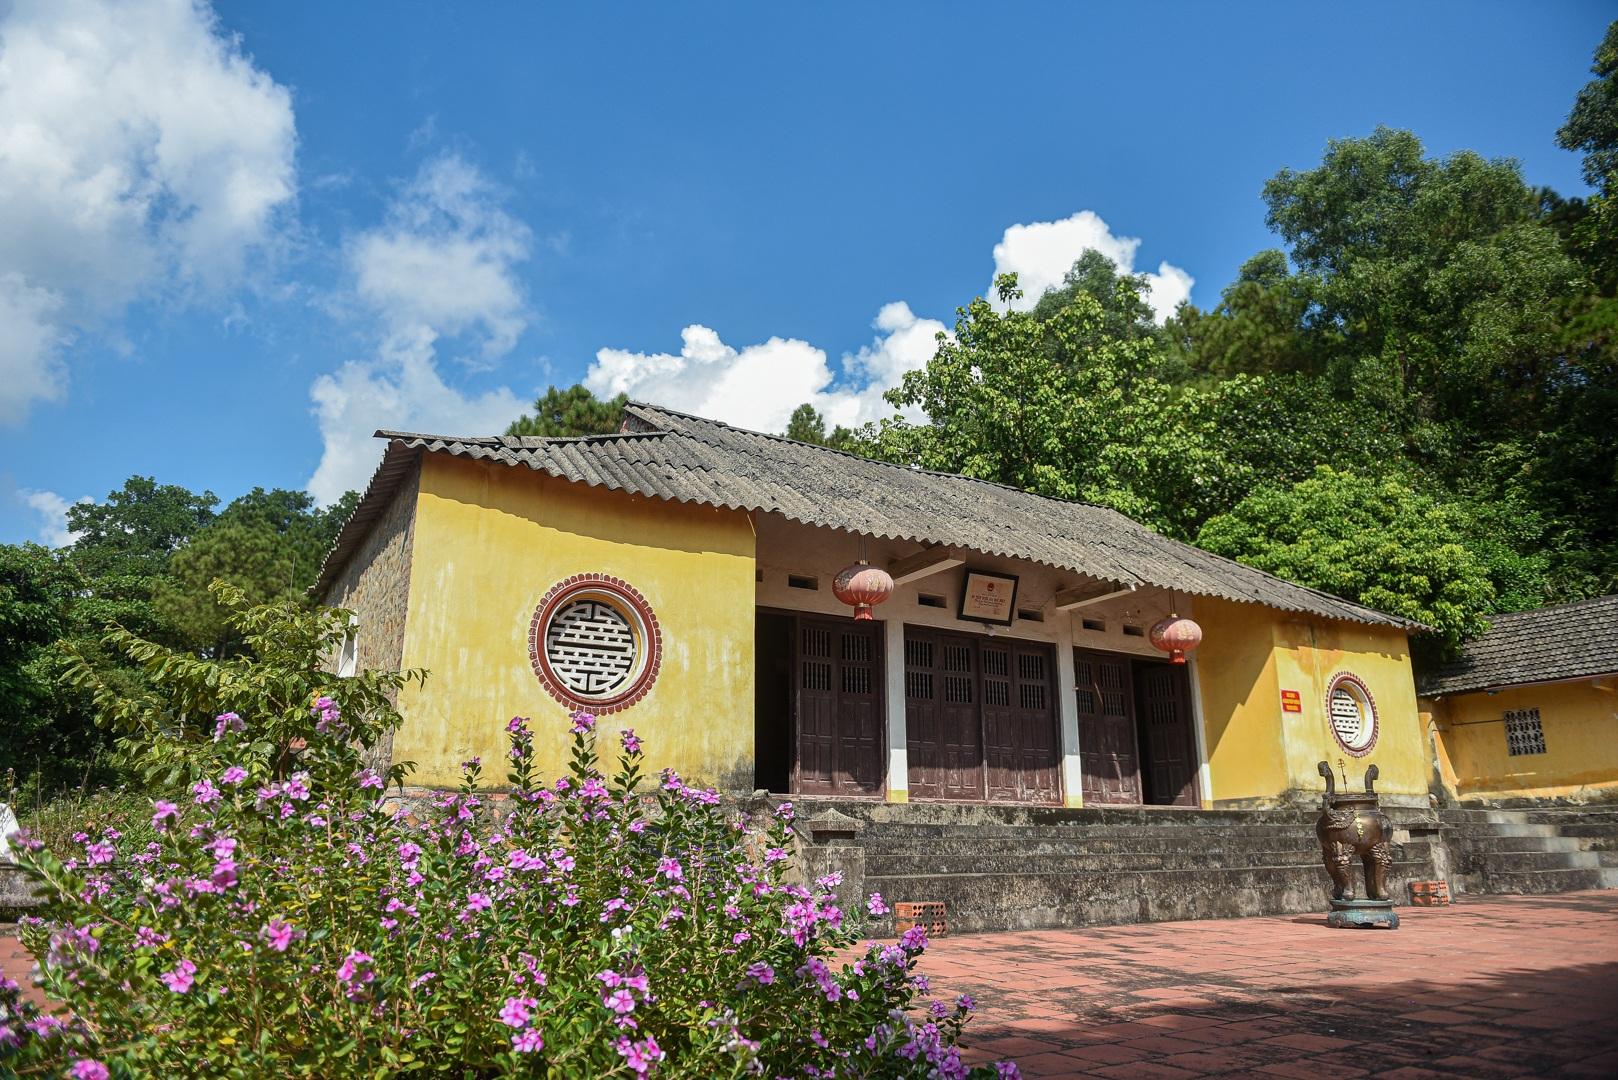 Chùa, quán Ngọc Thanh - nơi Nguyễn Trãi làm bài thơ nổi tiếng muôn đời - 1